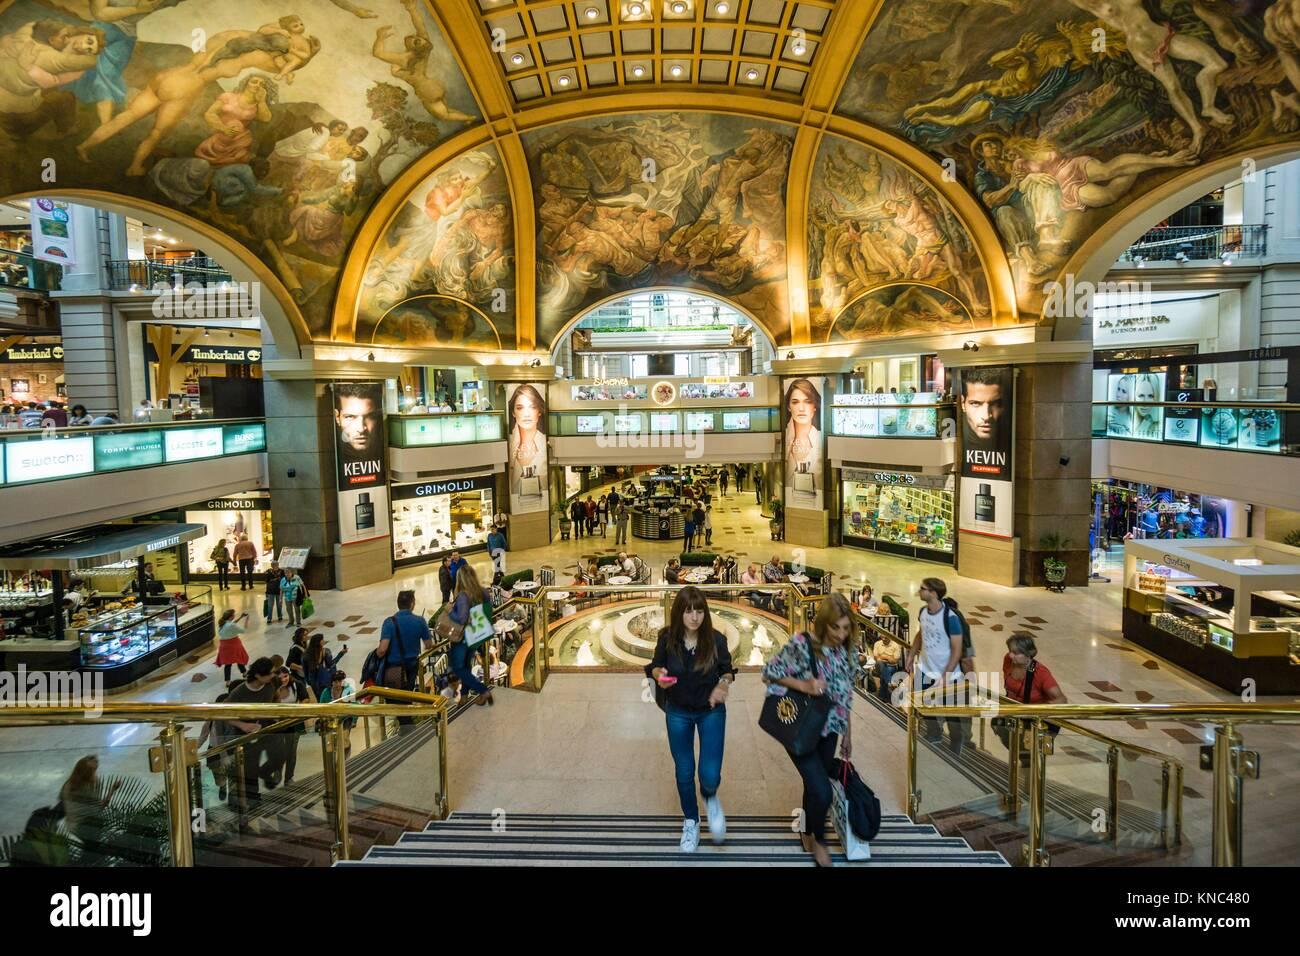 galerias Pacifico, obra del ingeniero Emilio Agrelo y el arquitecto parmesano Roland Le Vacher, Frescos en la cúpula - Stock Image